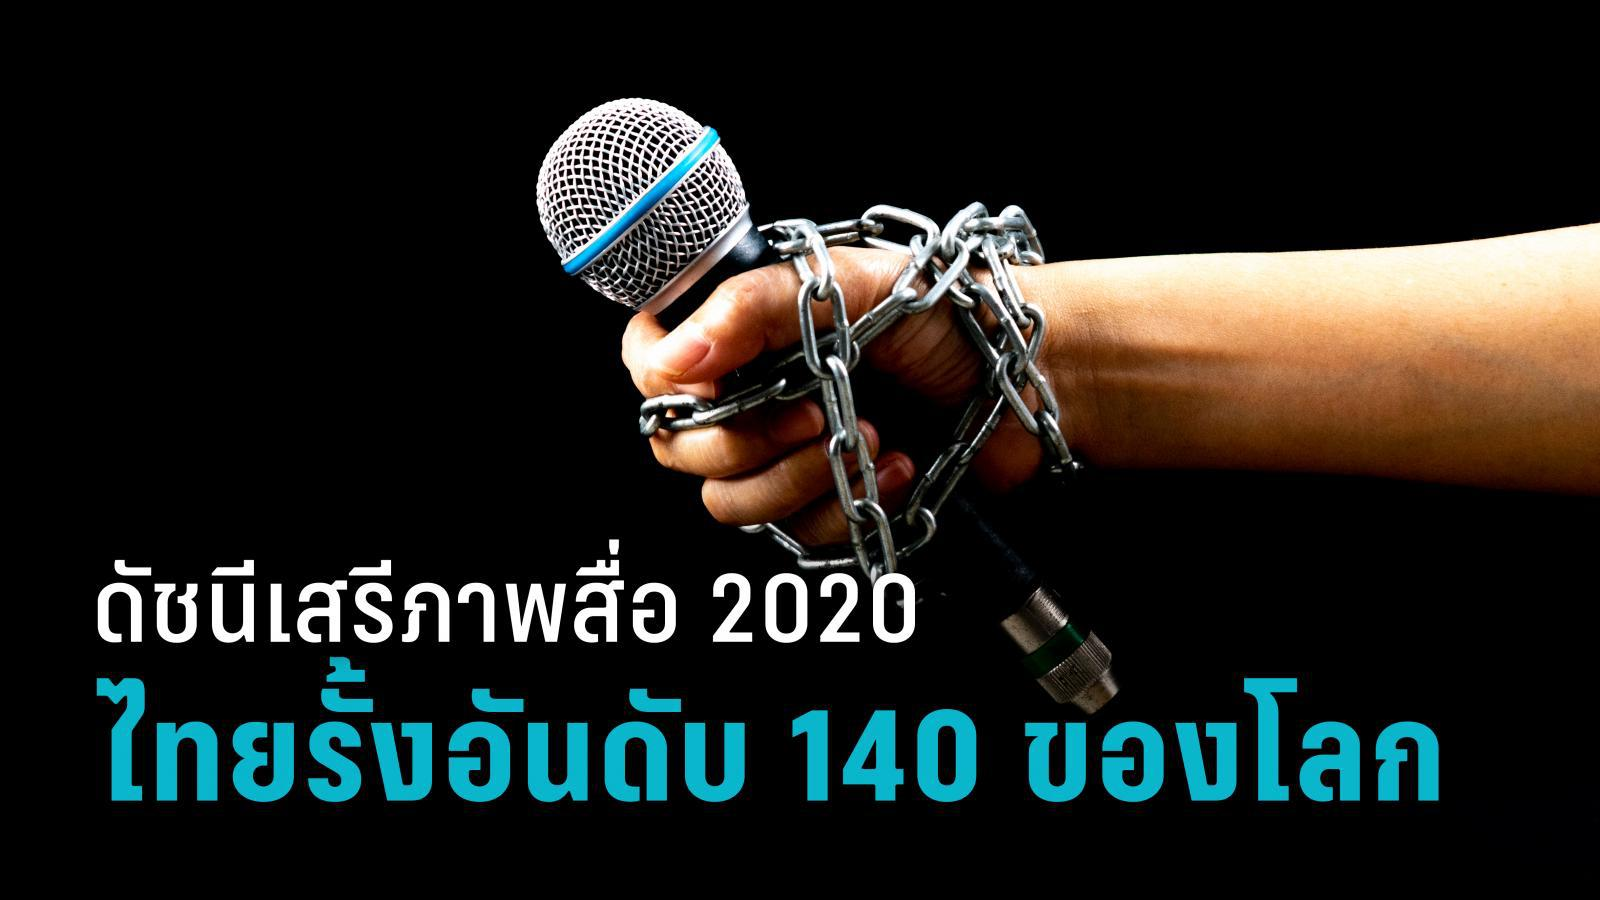 เปิดดัชนีเสรีภาพสื่อ 2020 ไทยรั้งอันดับ 140 ของโลก